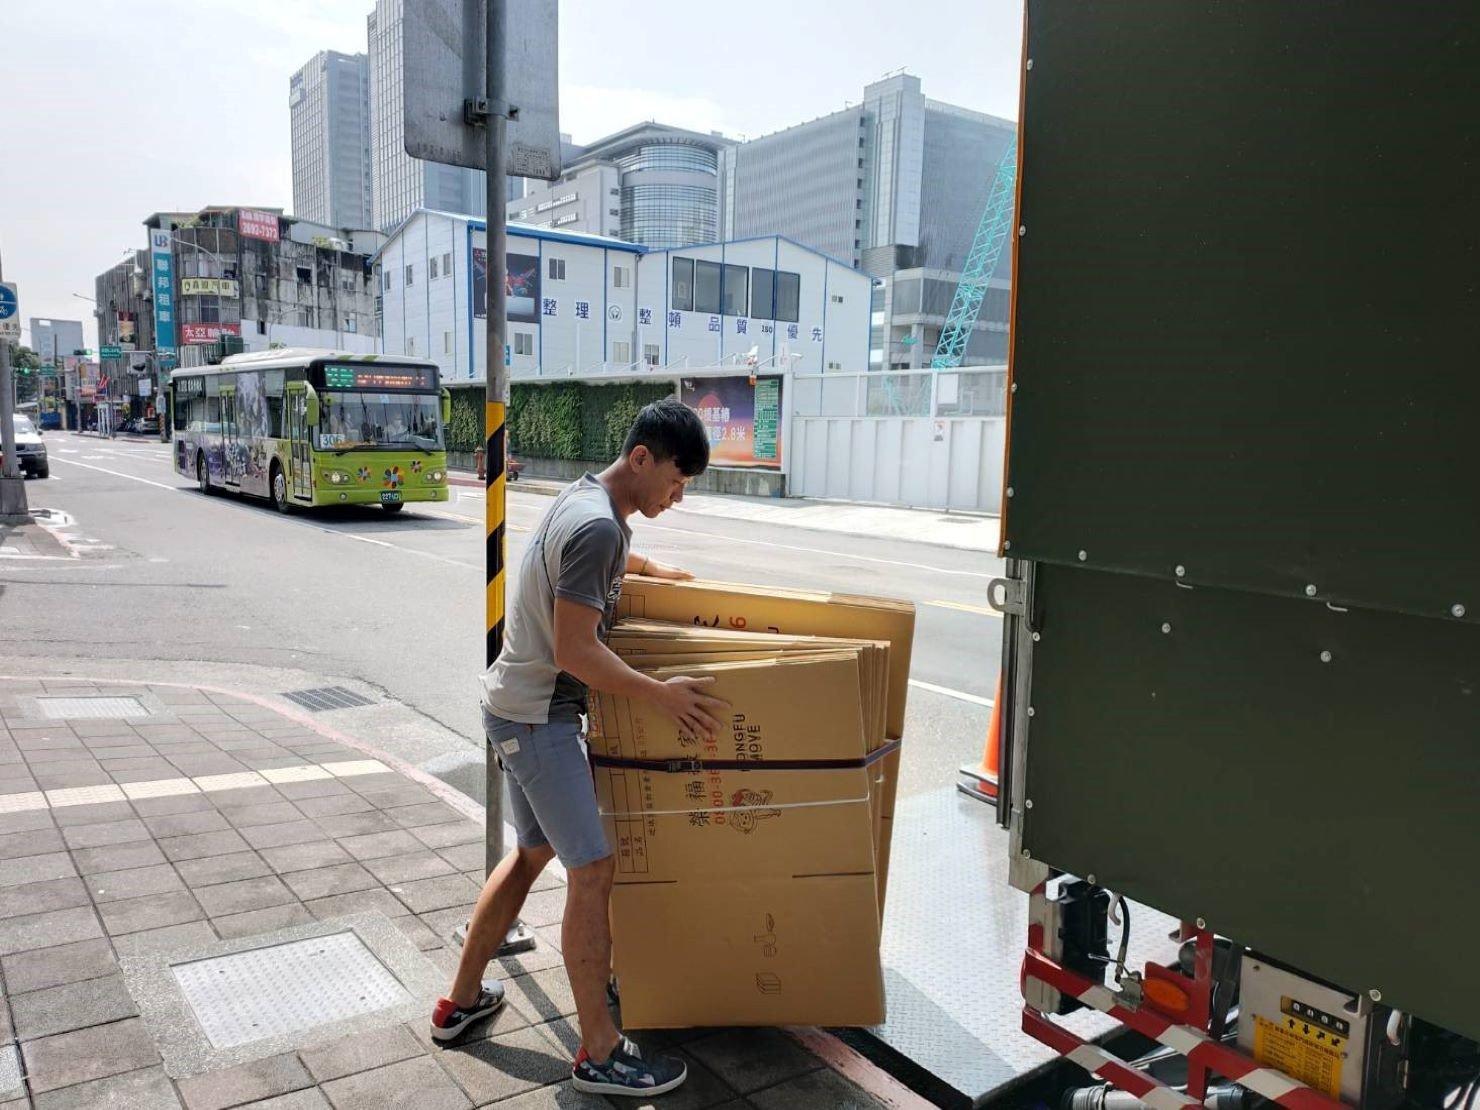 搬家公司找【榮福搬家】專業服務值得您的信賴與託付:專車運送紙箱